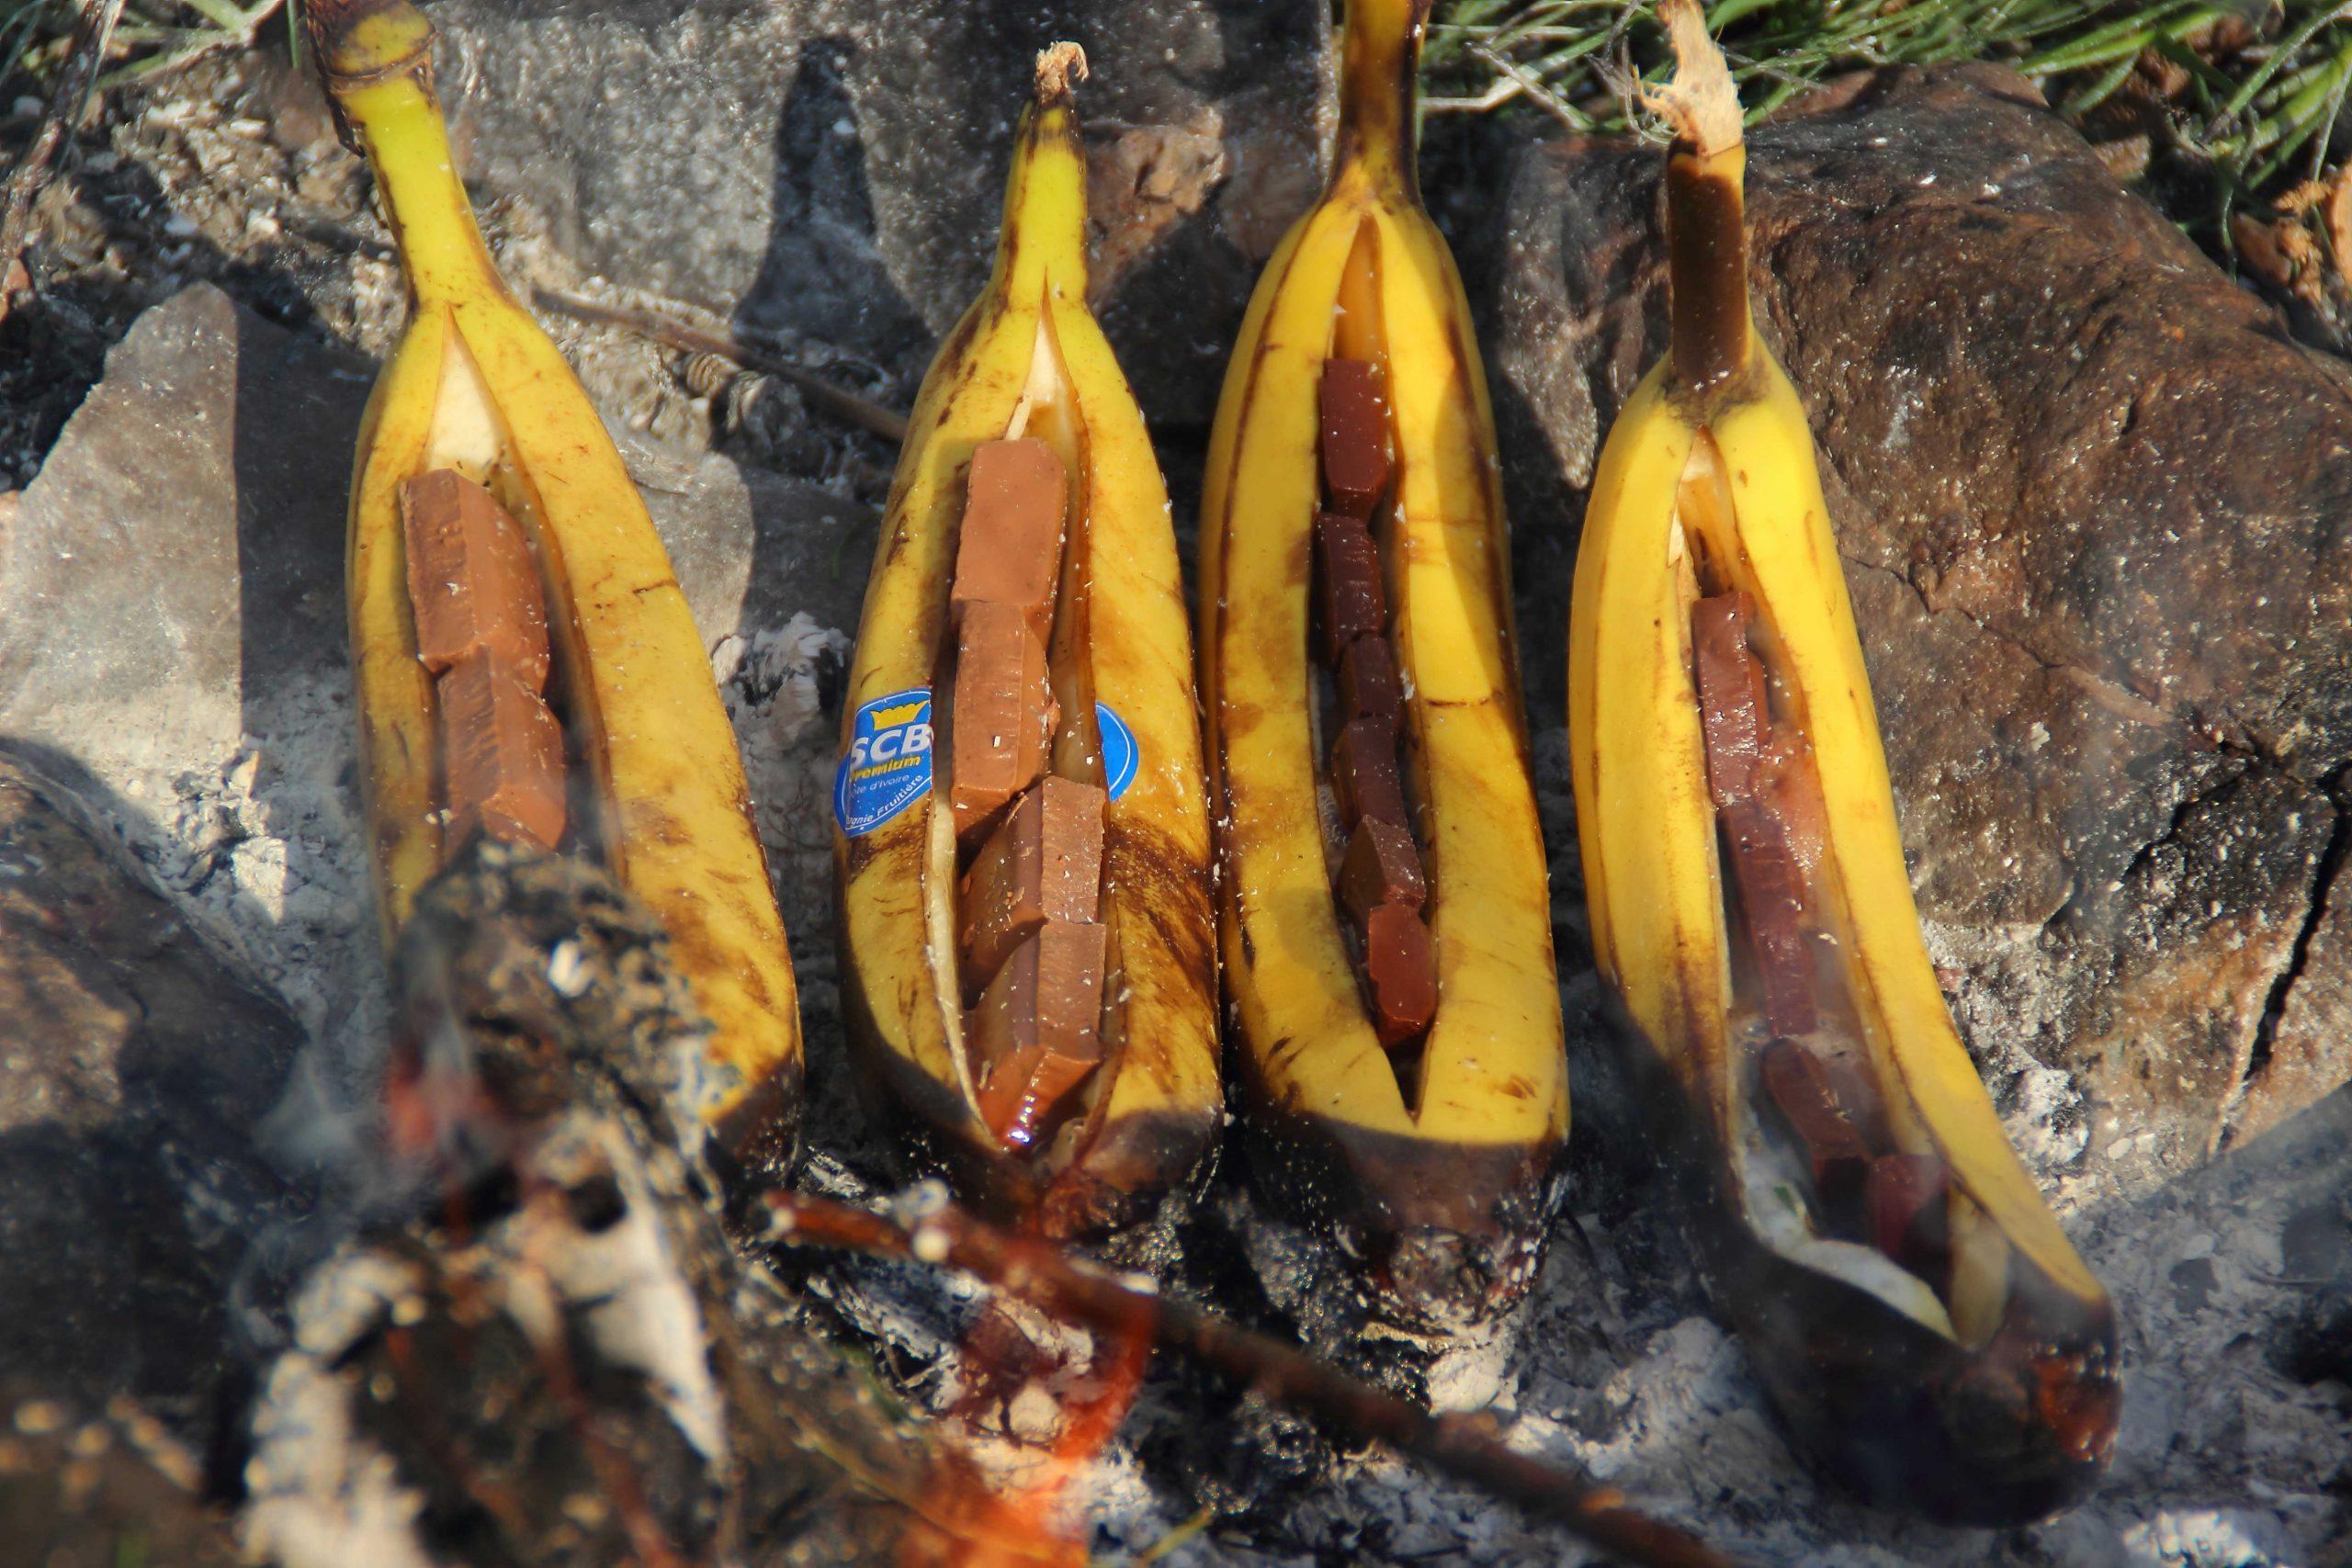 Schnelles Lagerfeuer Essen - Kindergeburtstag.or.at bestimmt für Schnelles Für Das Abendessen Beim Kindergeburtstag Rezepte